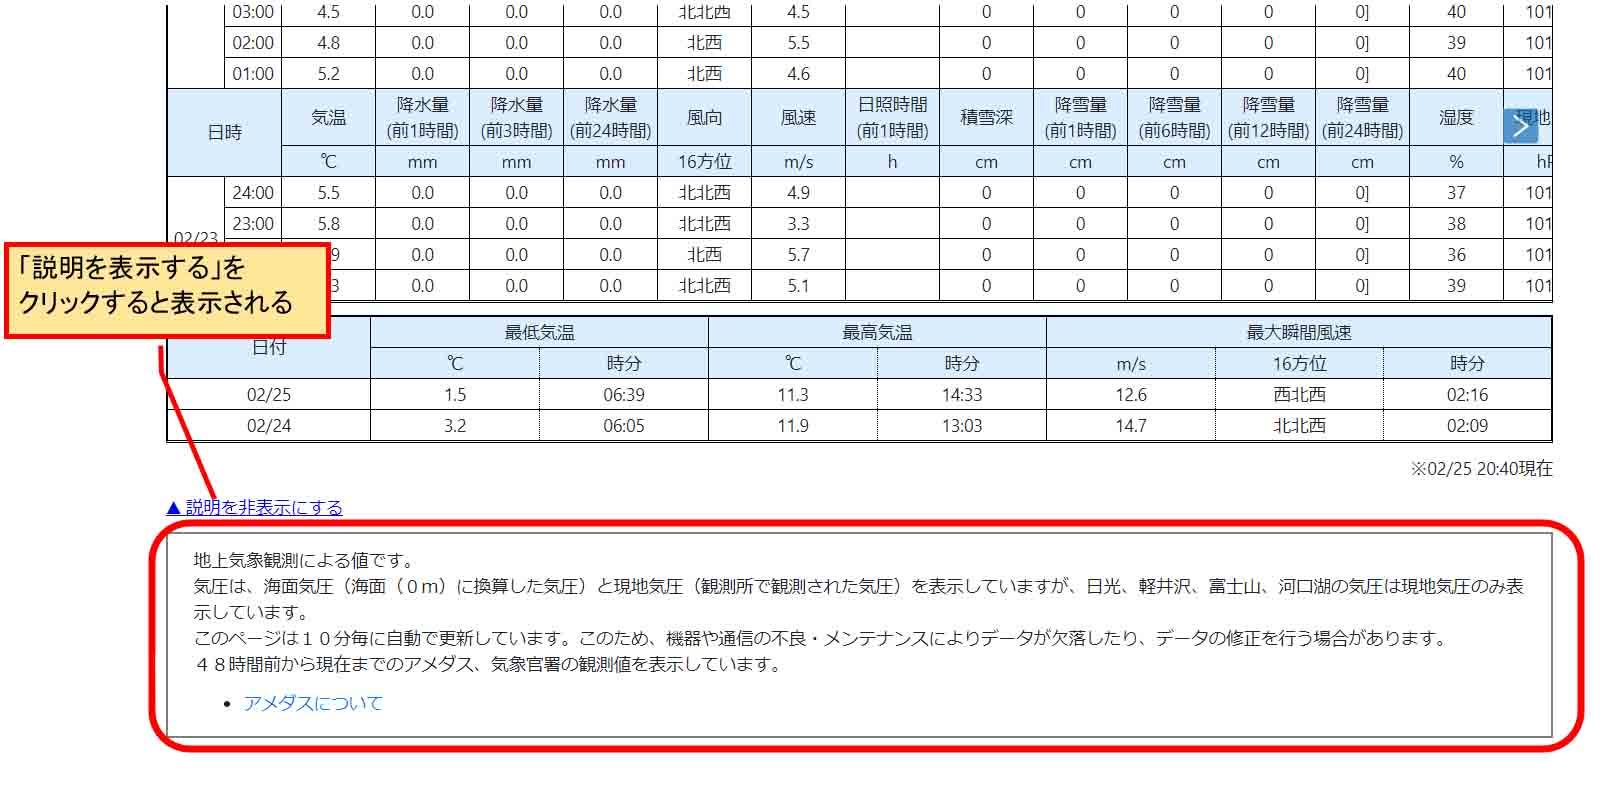 amedas_table04.jpg